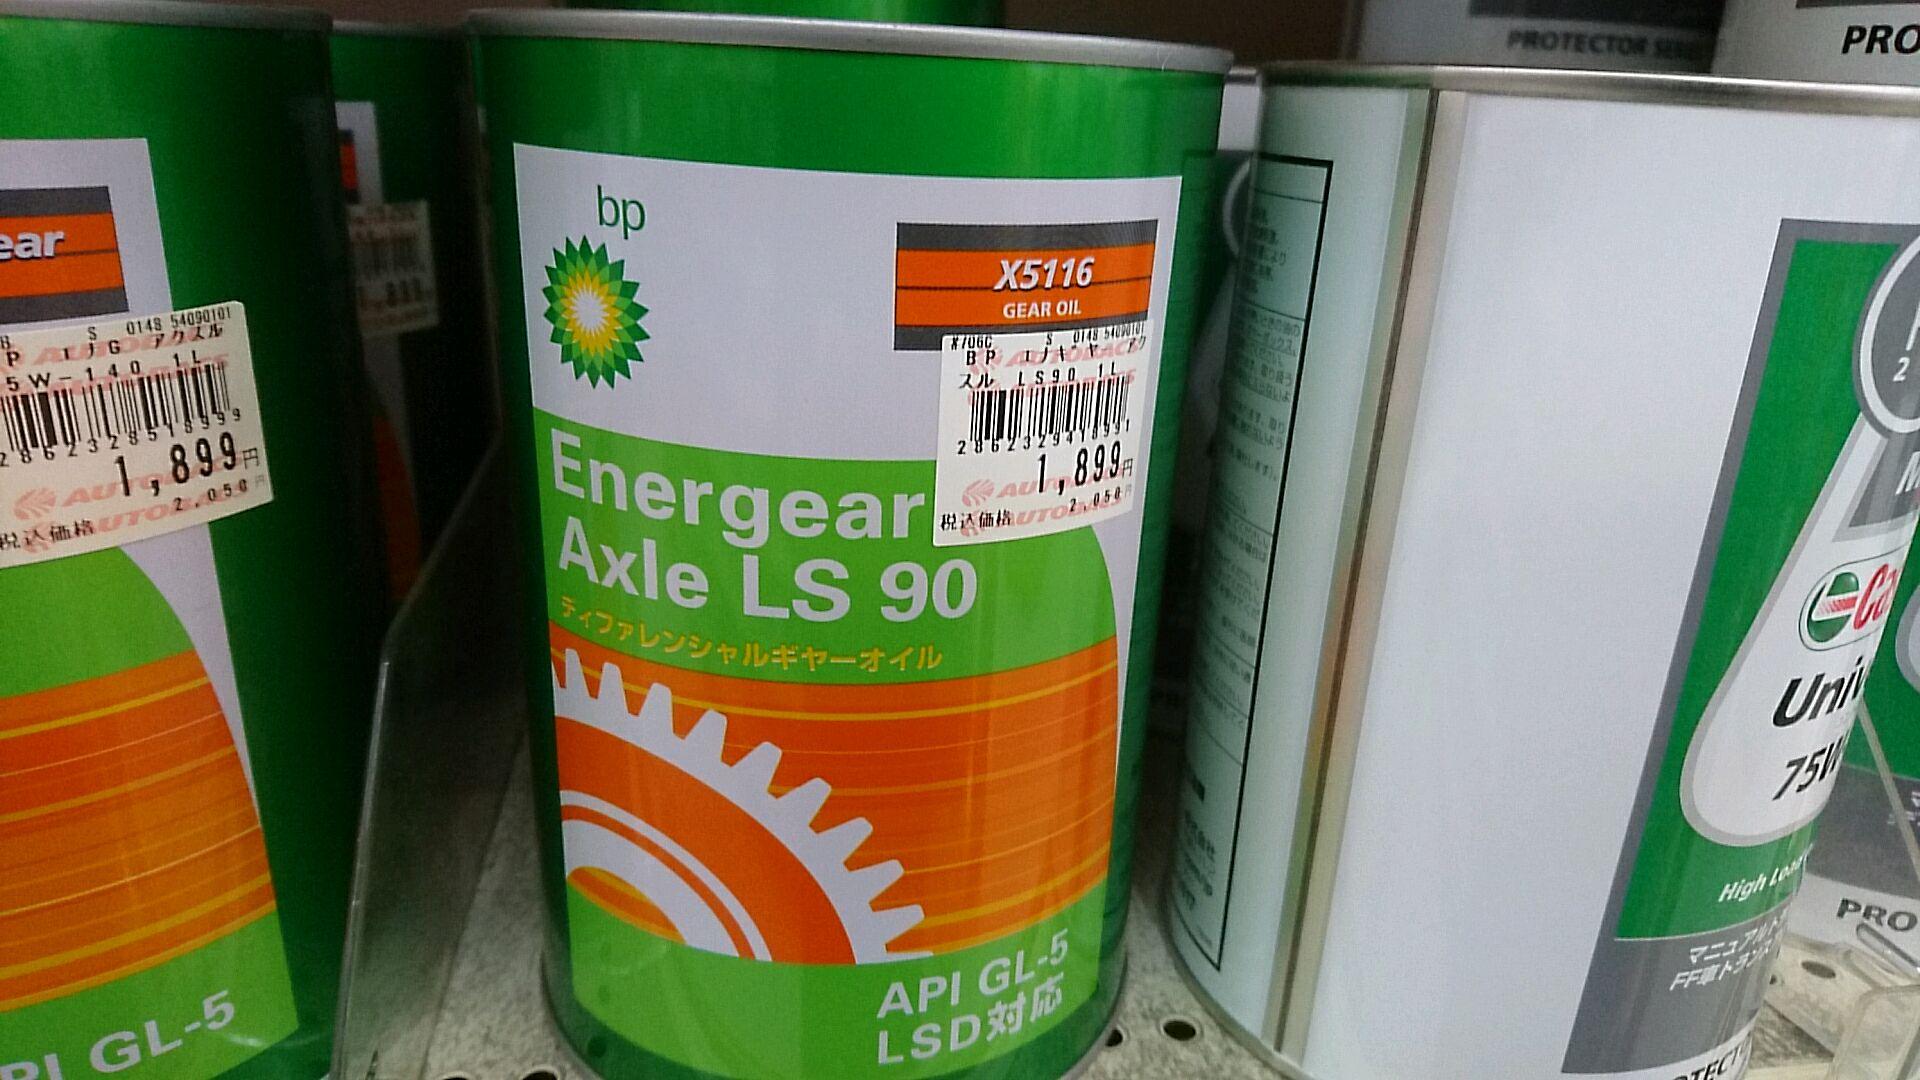 bp Energear Axle LS 90